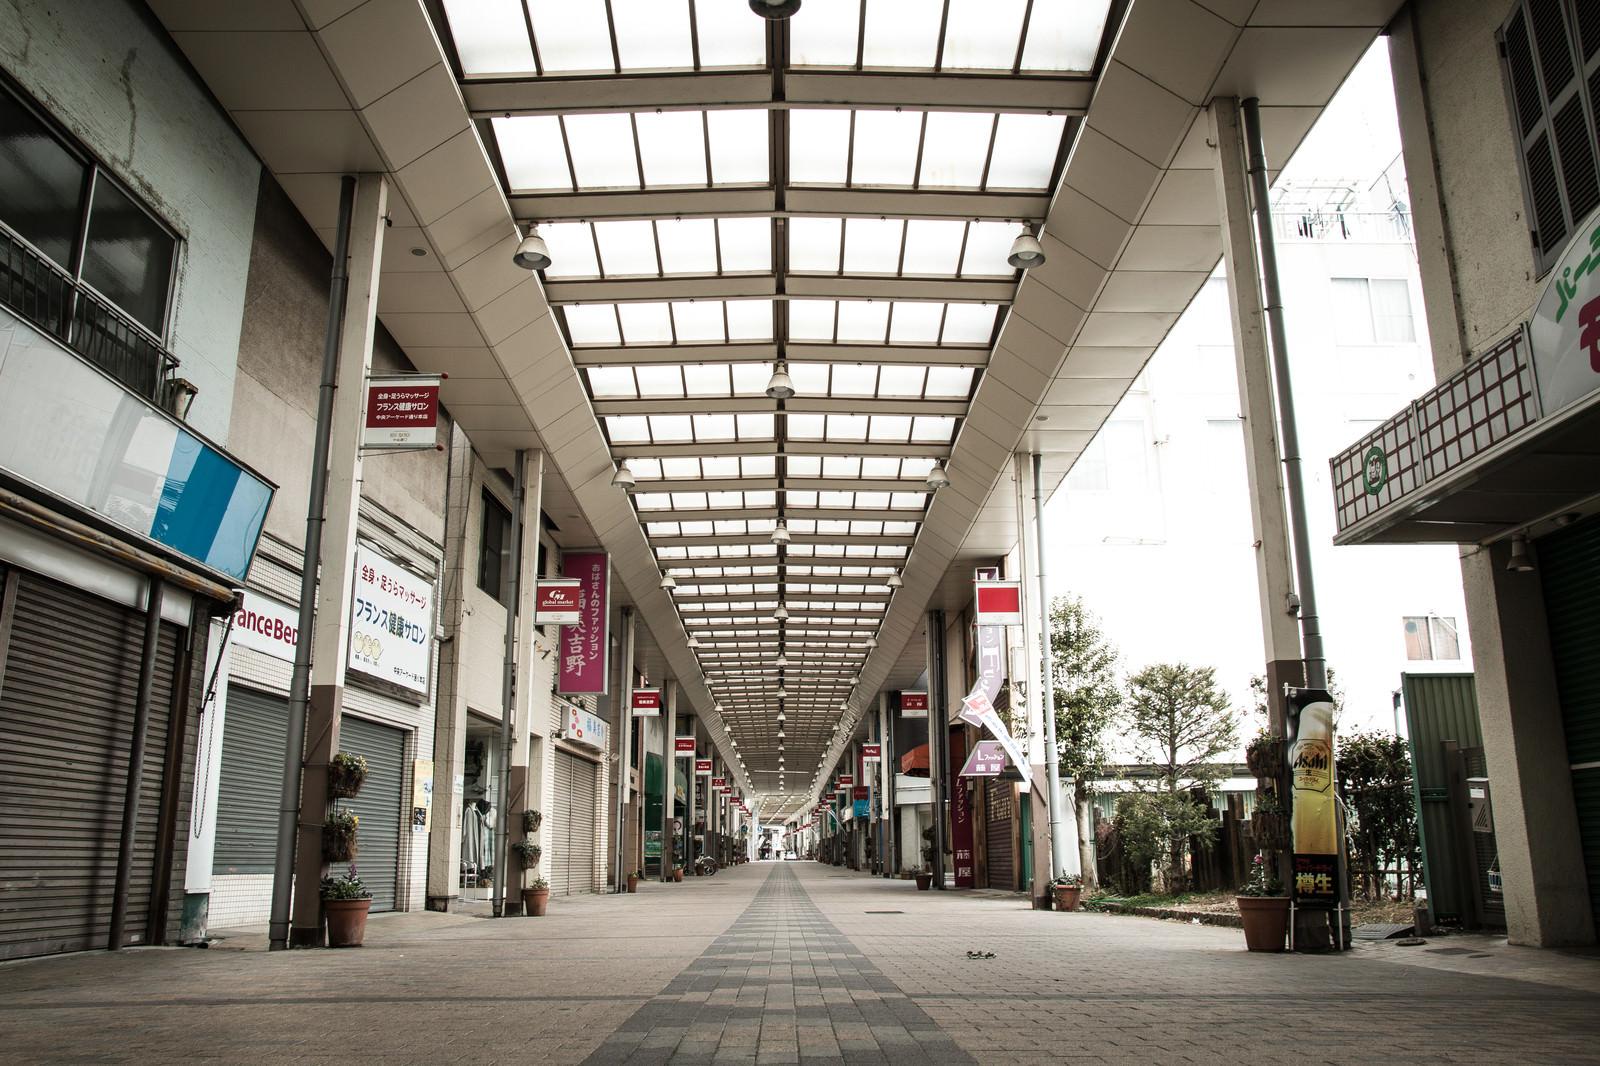 「シャッターが閉まった前橋中心商店街」の写真